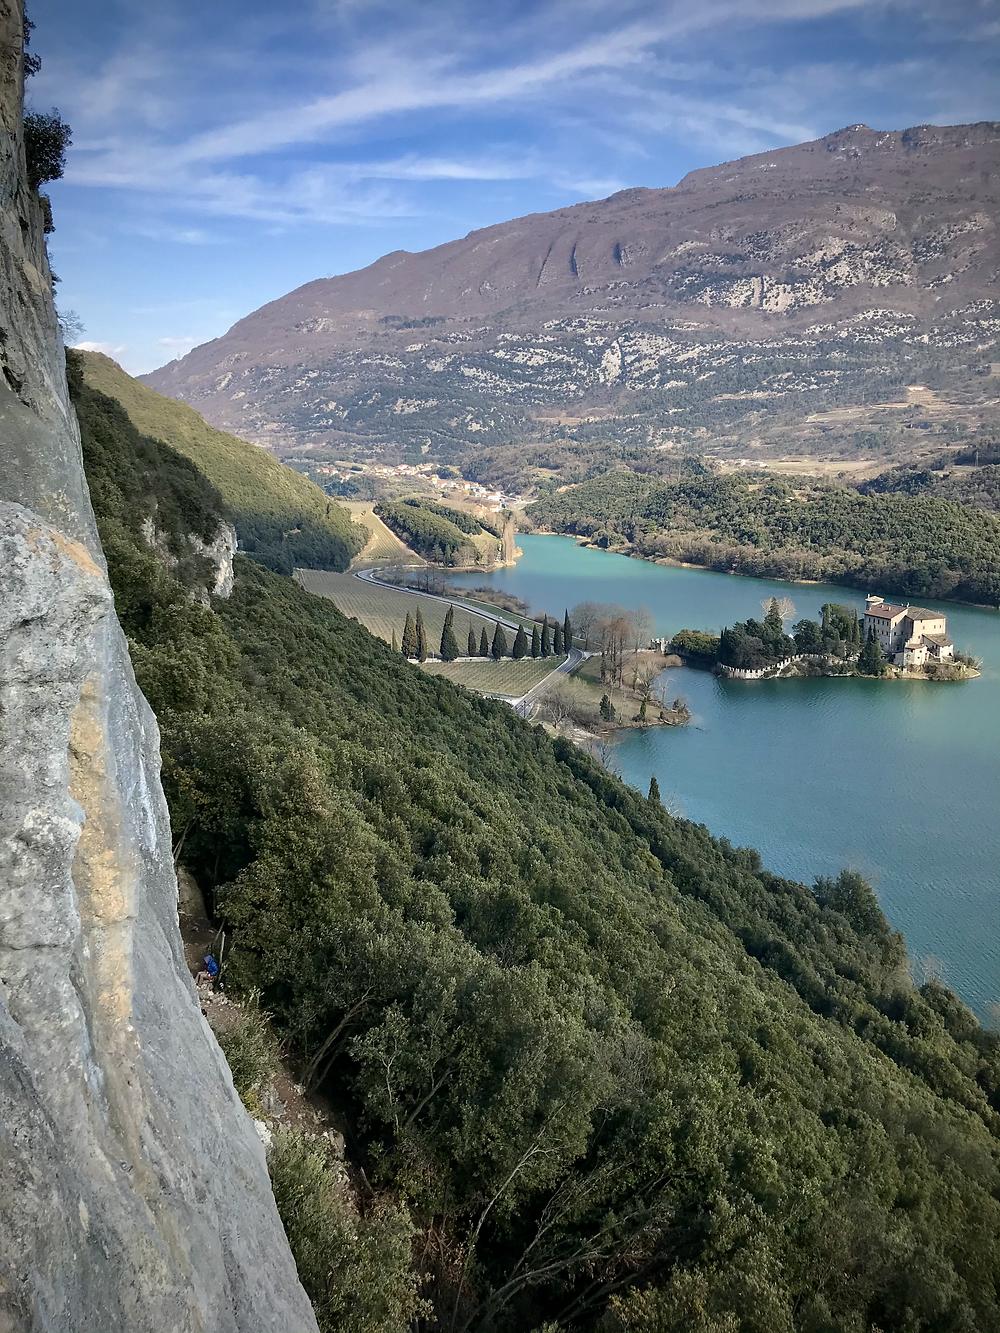 Sektor wspinaczkowy nad Jeziorem Toblino.